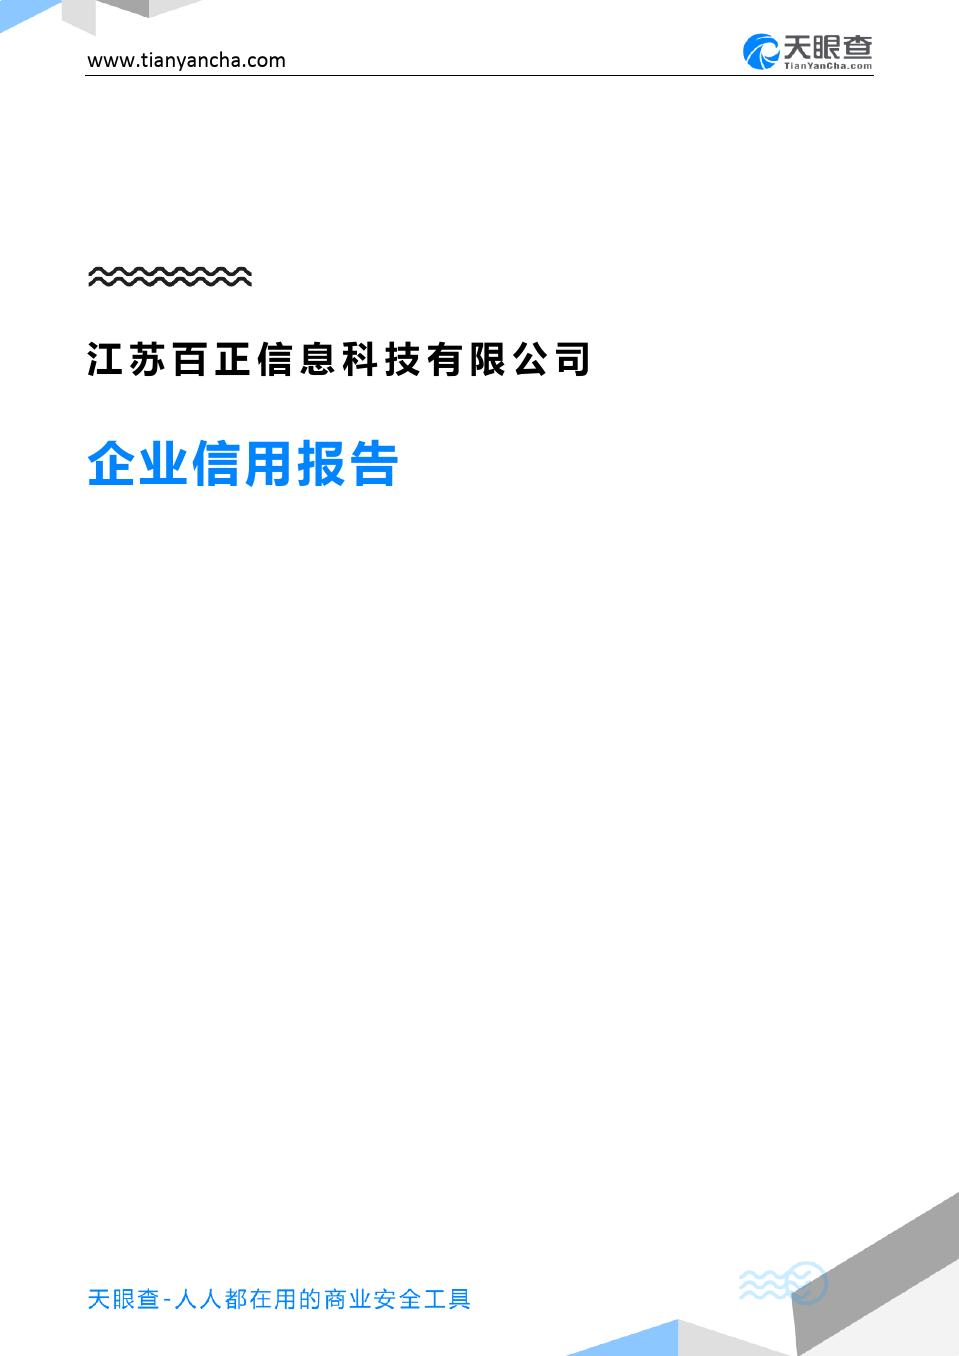 江苏百正信息科技有限公司(企业信用报告)- 天眼查